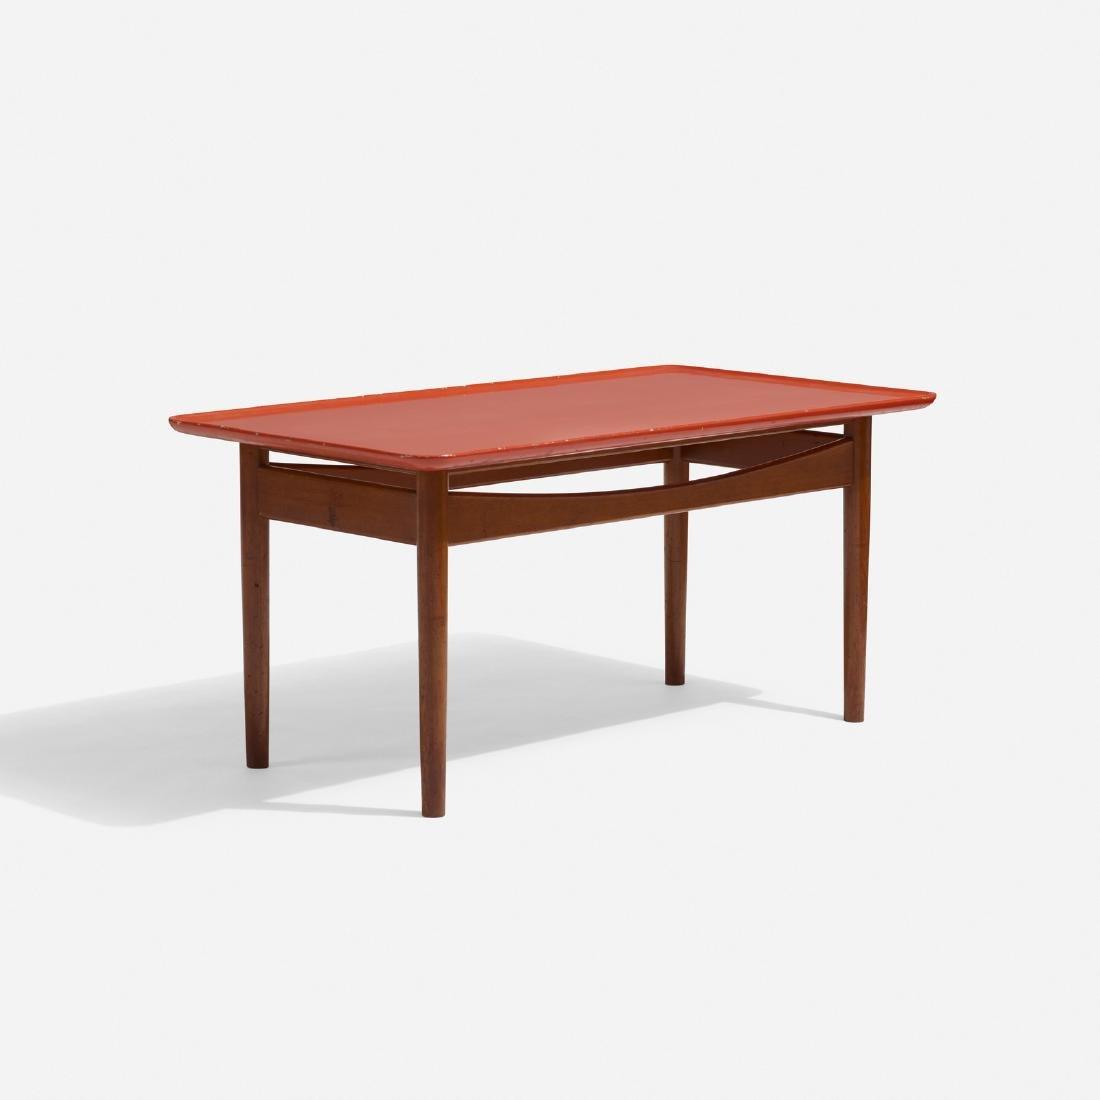 Finn Juhl, table for Bing & Grondahl